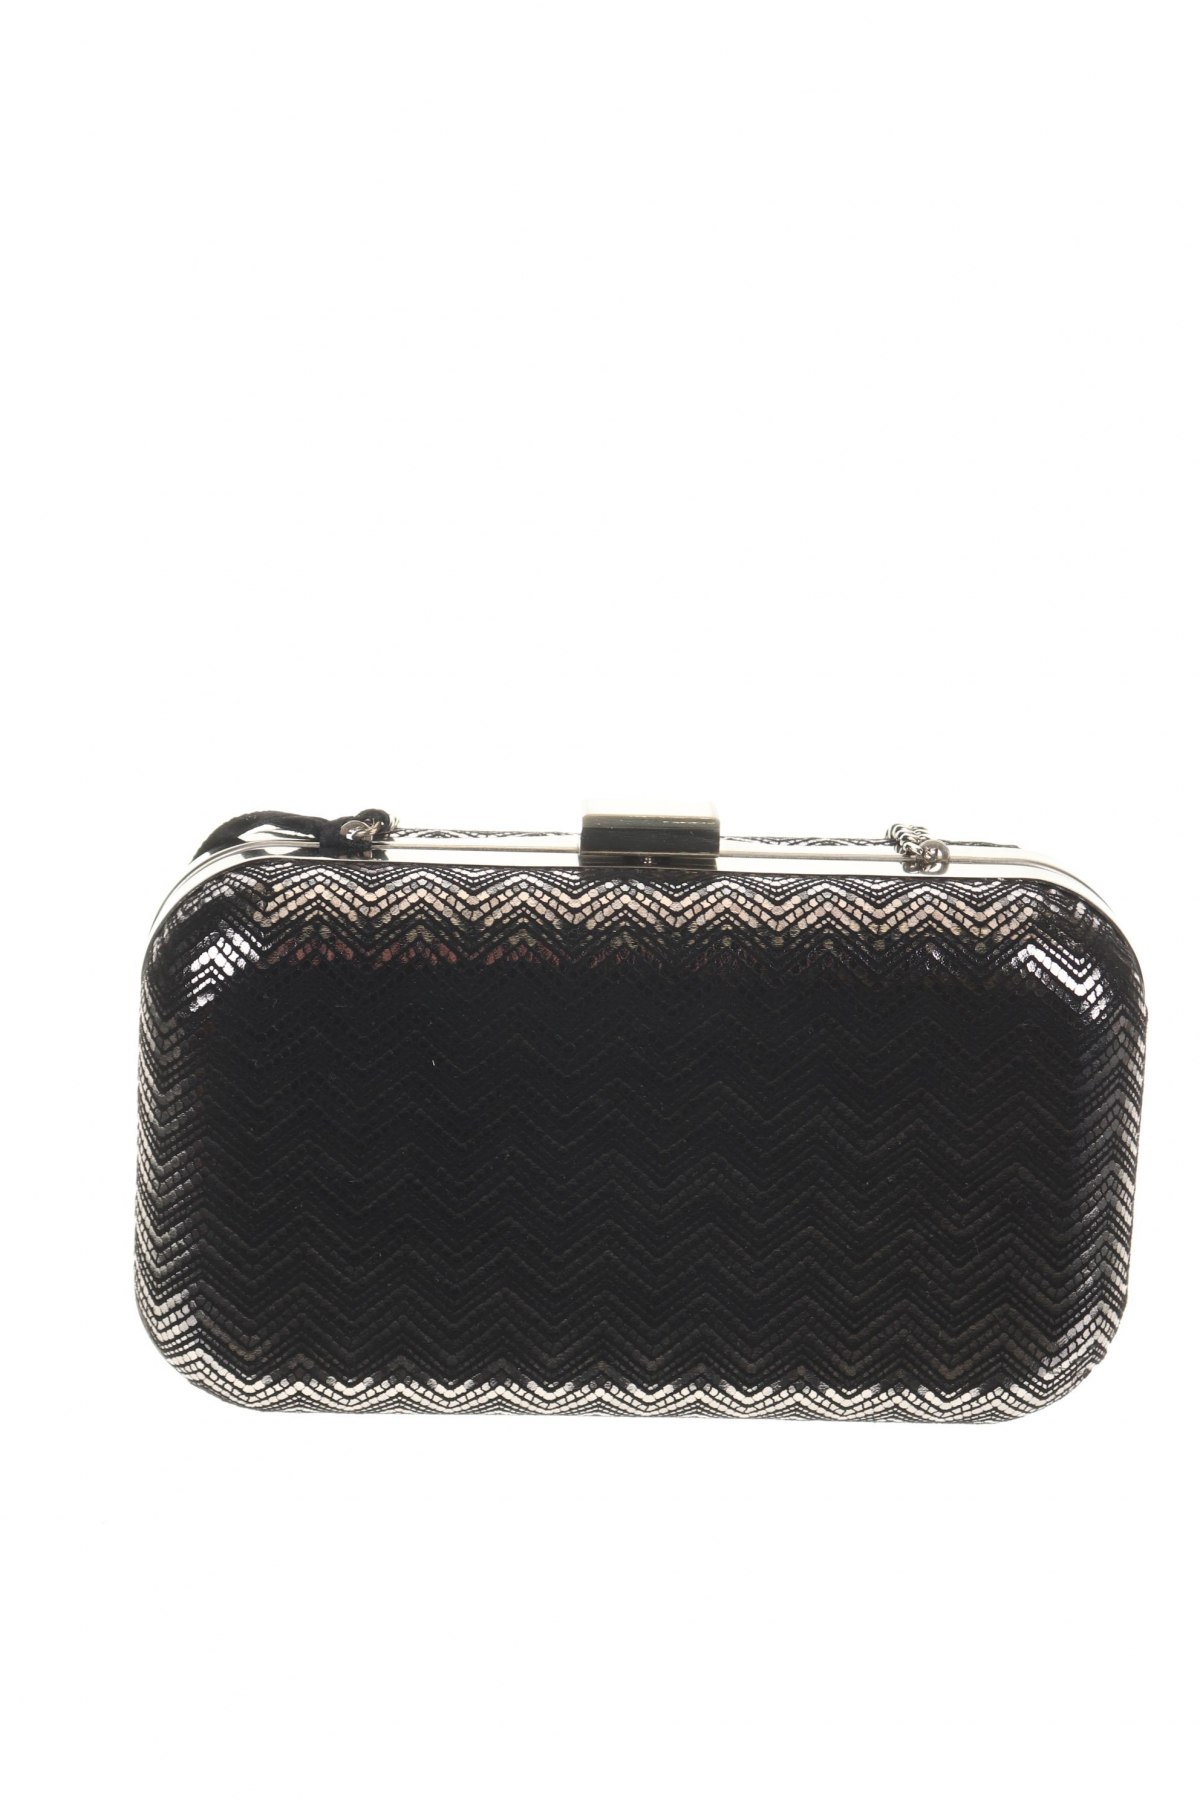 Дамска чанта Caroll, Цвят Сребрист, Текстил, Цена 89,25лв.